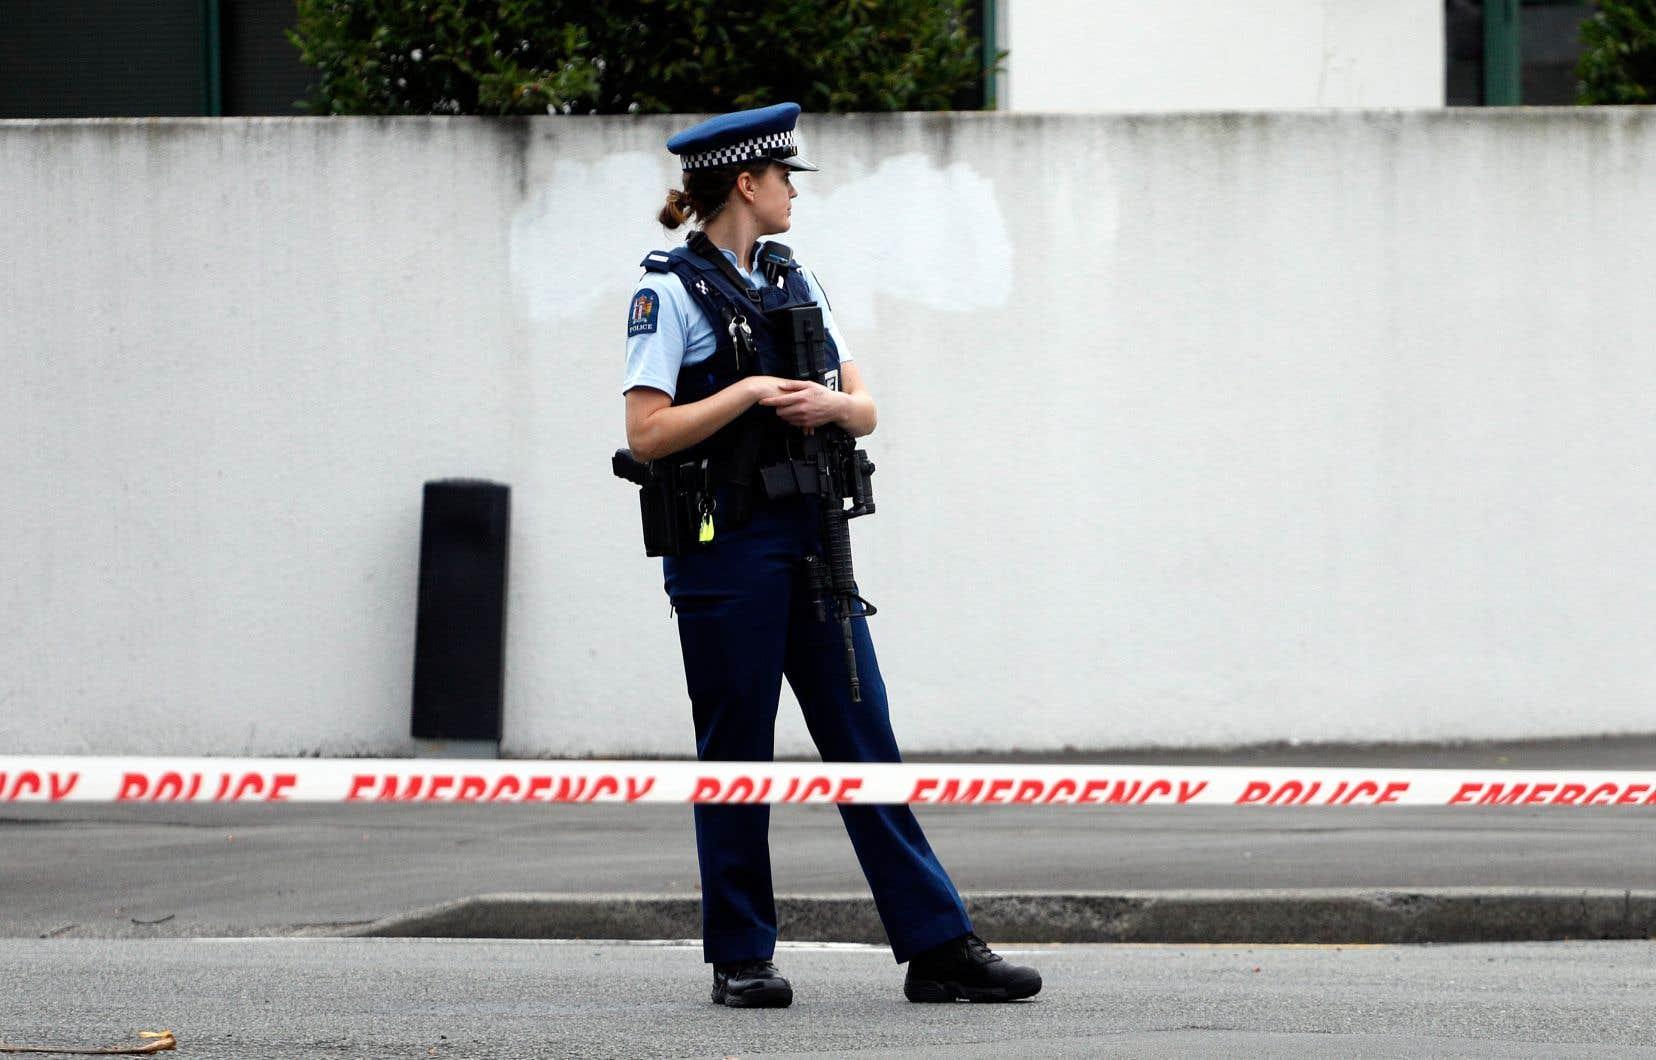 Les événements du 15 mars 2019 à Christchurch sont dorénavant le pire acte terroriste antimusulman à survenir dans l'Occident moderne.